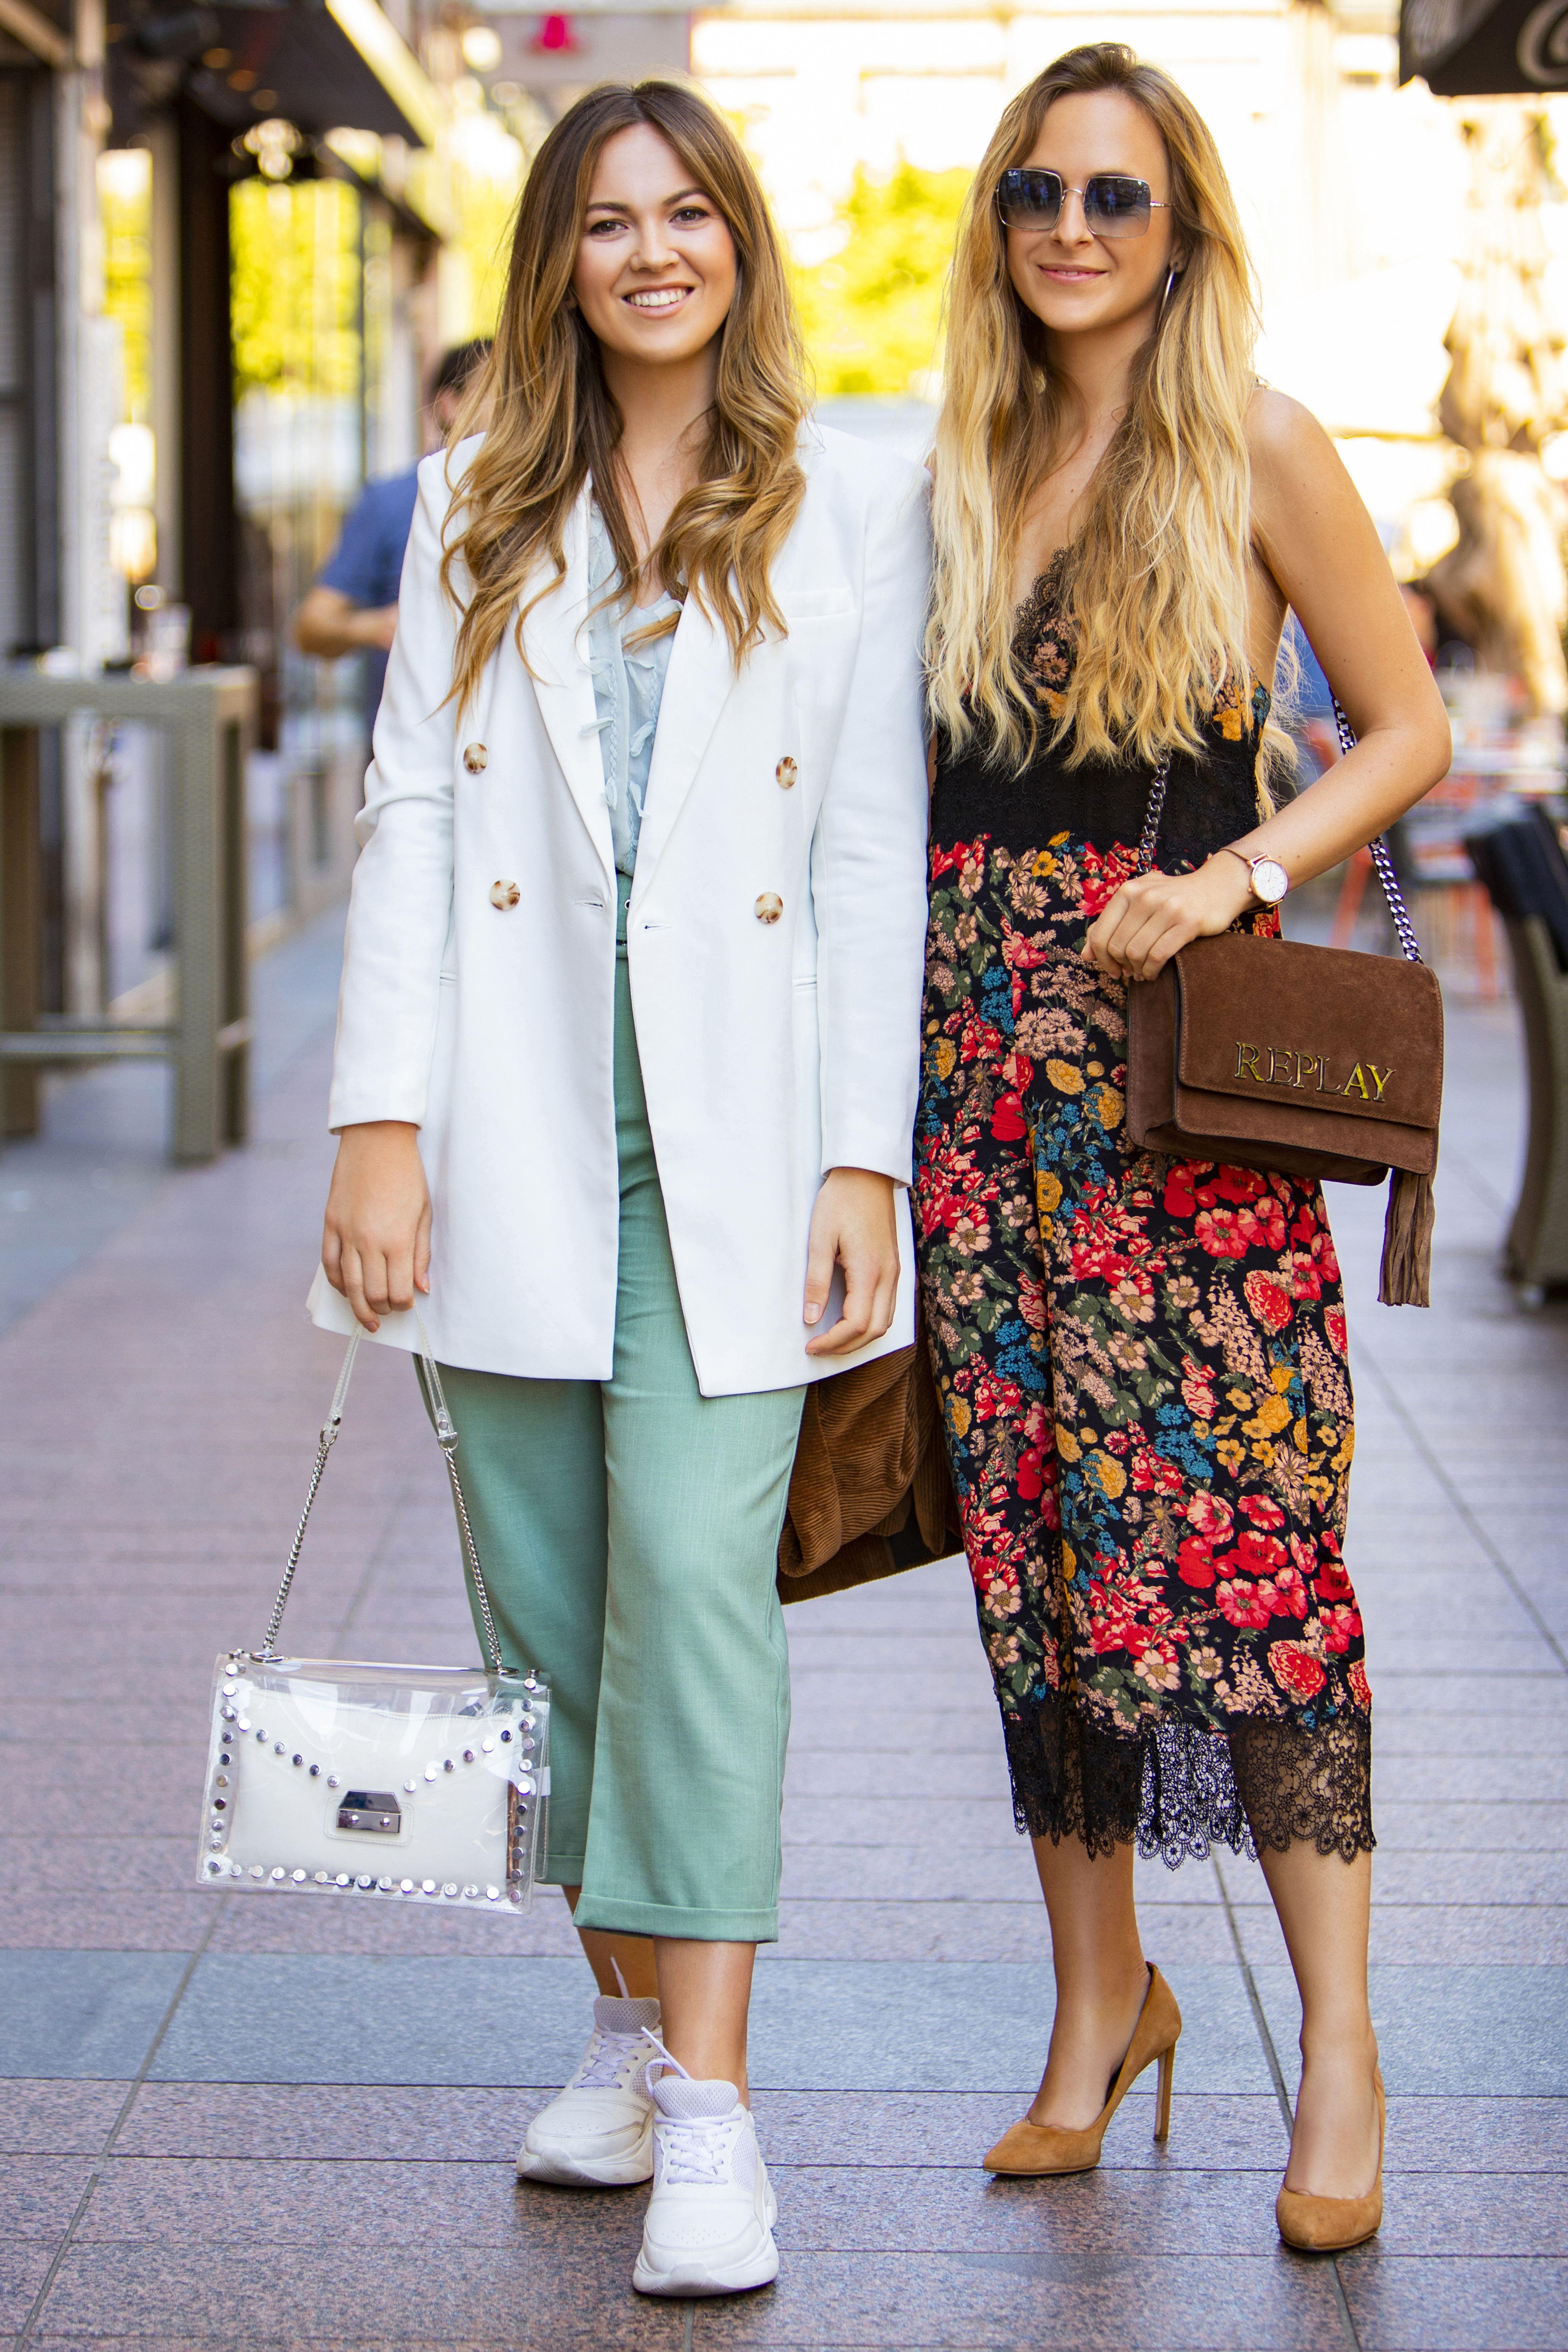 Odlične su: Ove dvije prijateljice svima mogu održati lekciju iz stila!